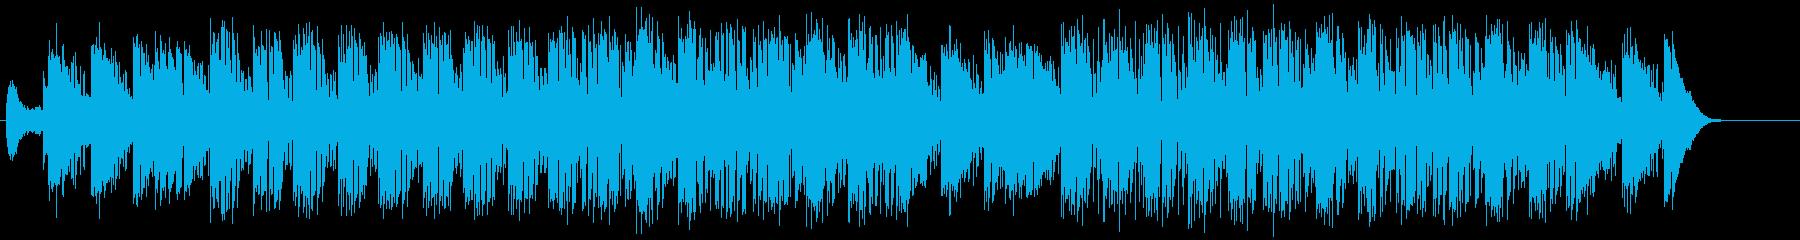 ロマン溢れるドキュメント/BGの再生済みの波形